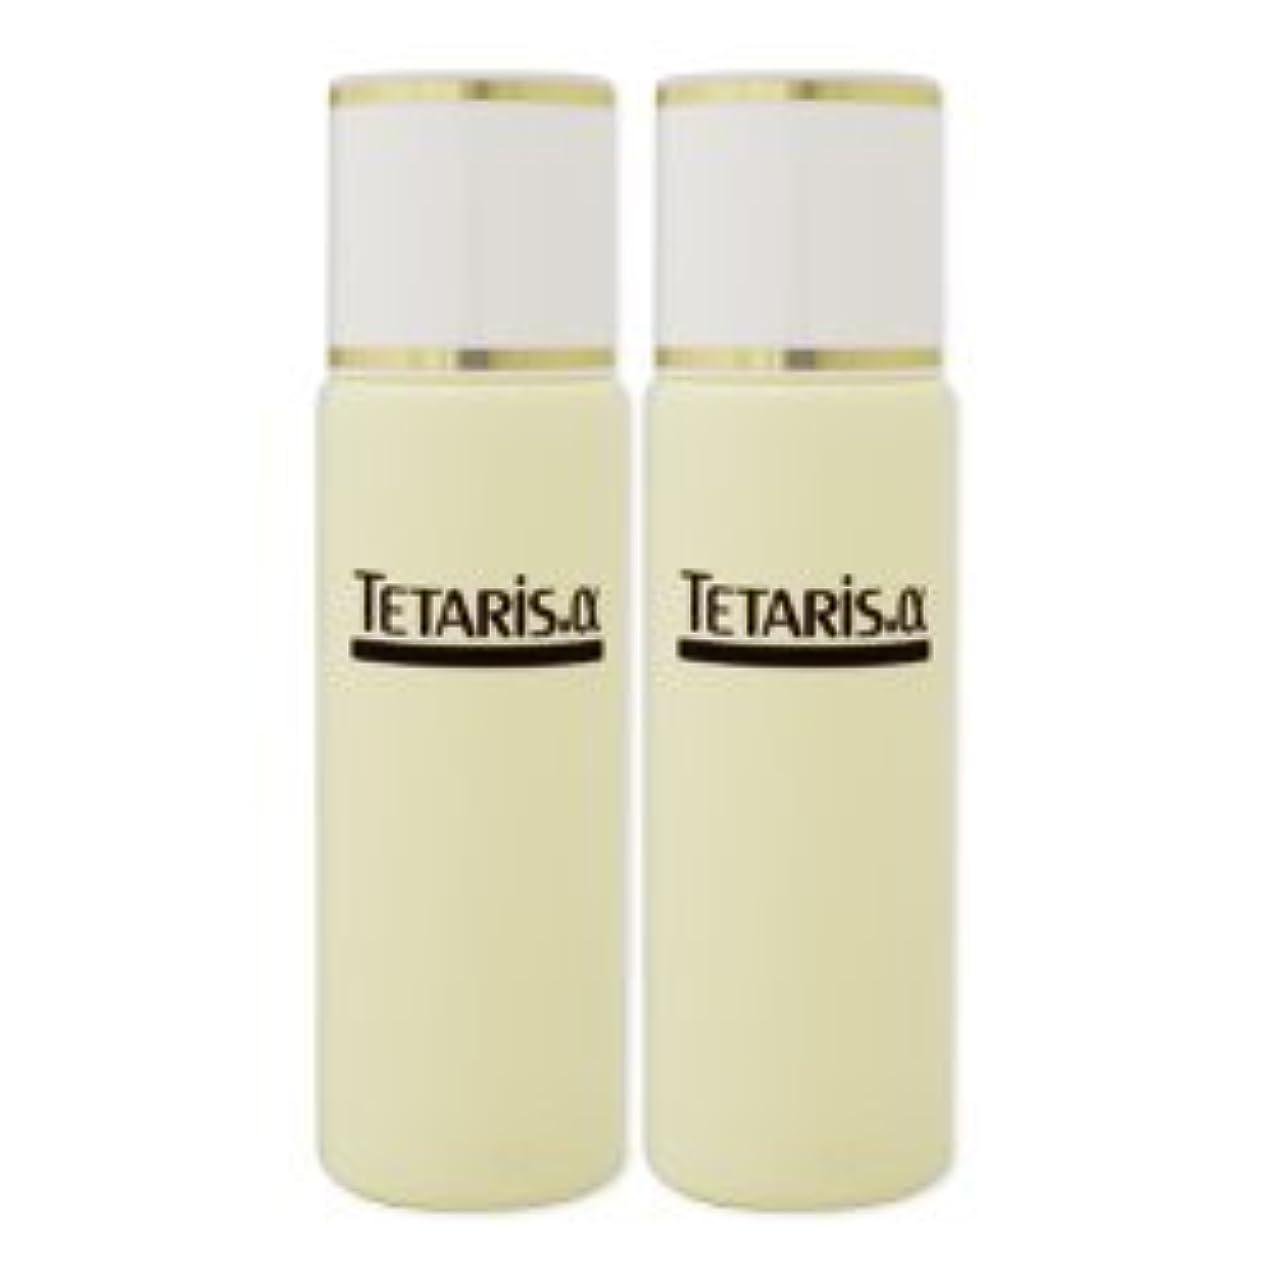 差し控える更新処理する薬用テタリスアルファ 200ml 2個セット 頭皮用薬用育毛剤 医薬部外品